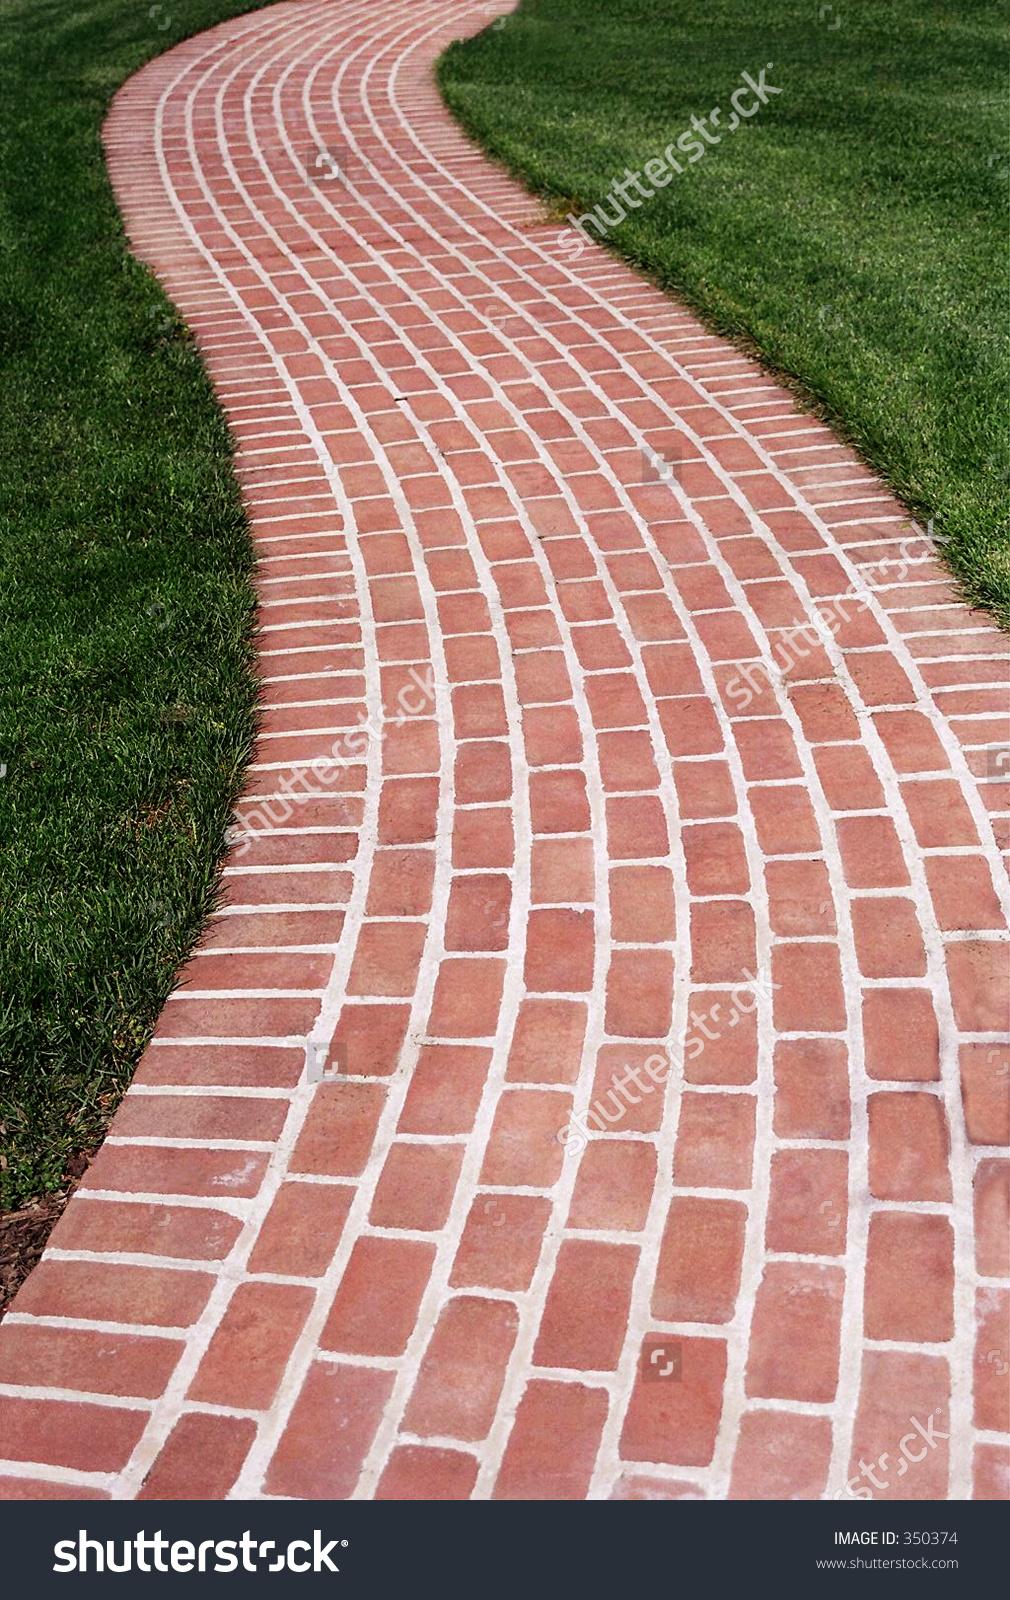 Brick Walk Way Stock Photo 350374 : Shutterstock.